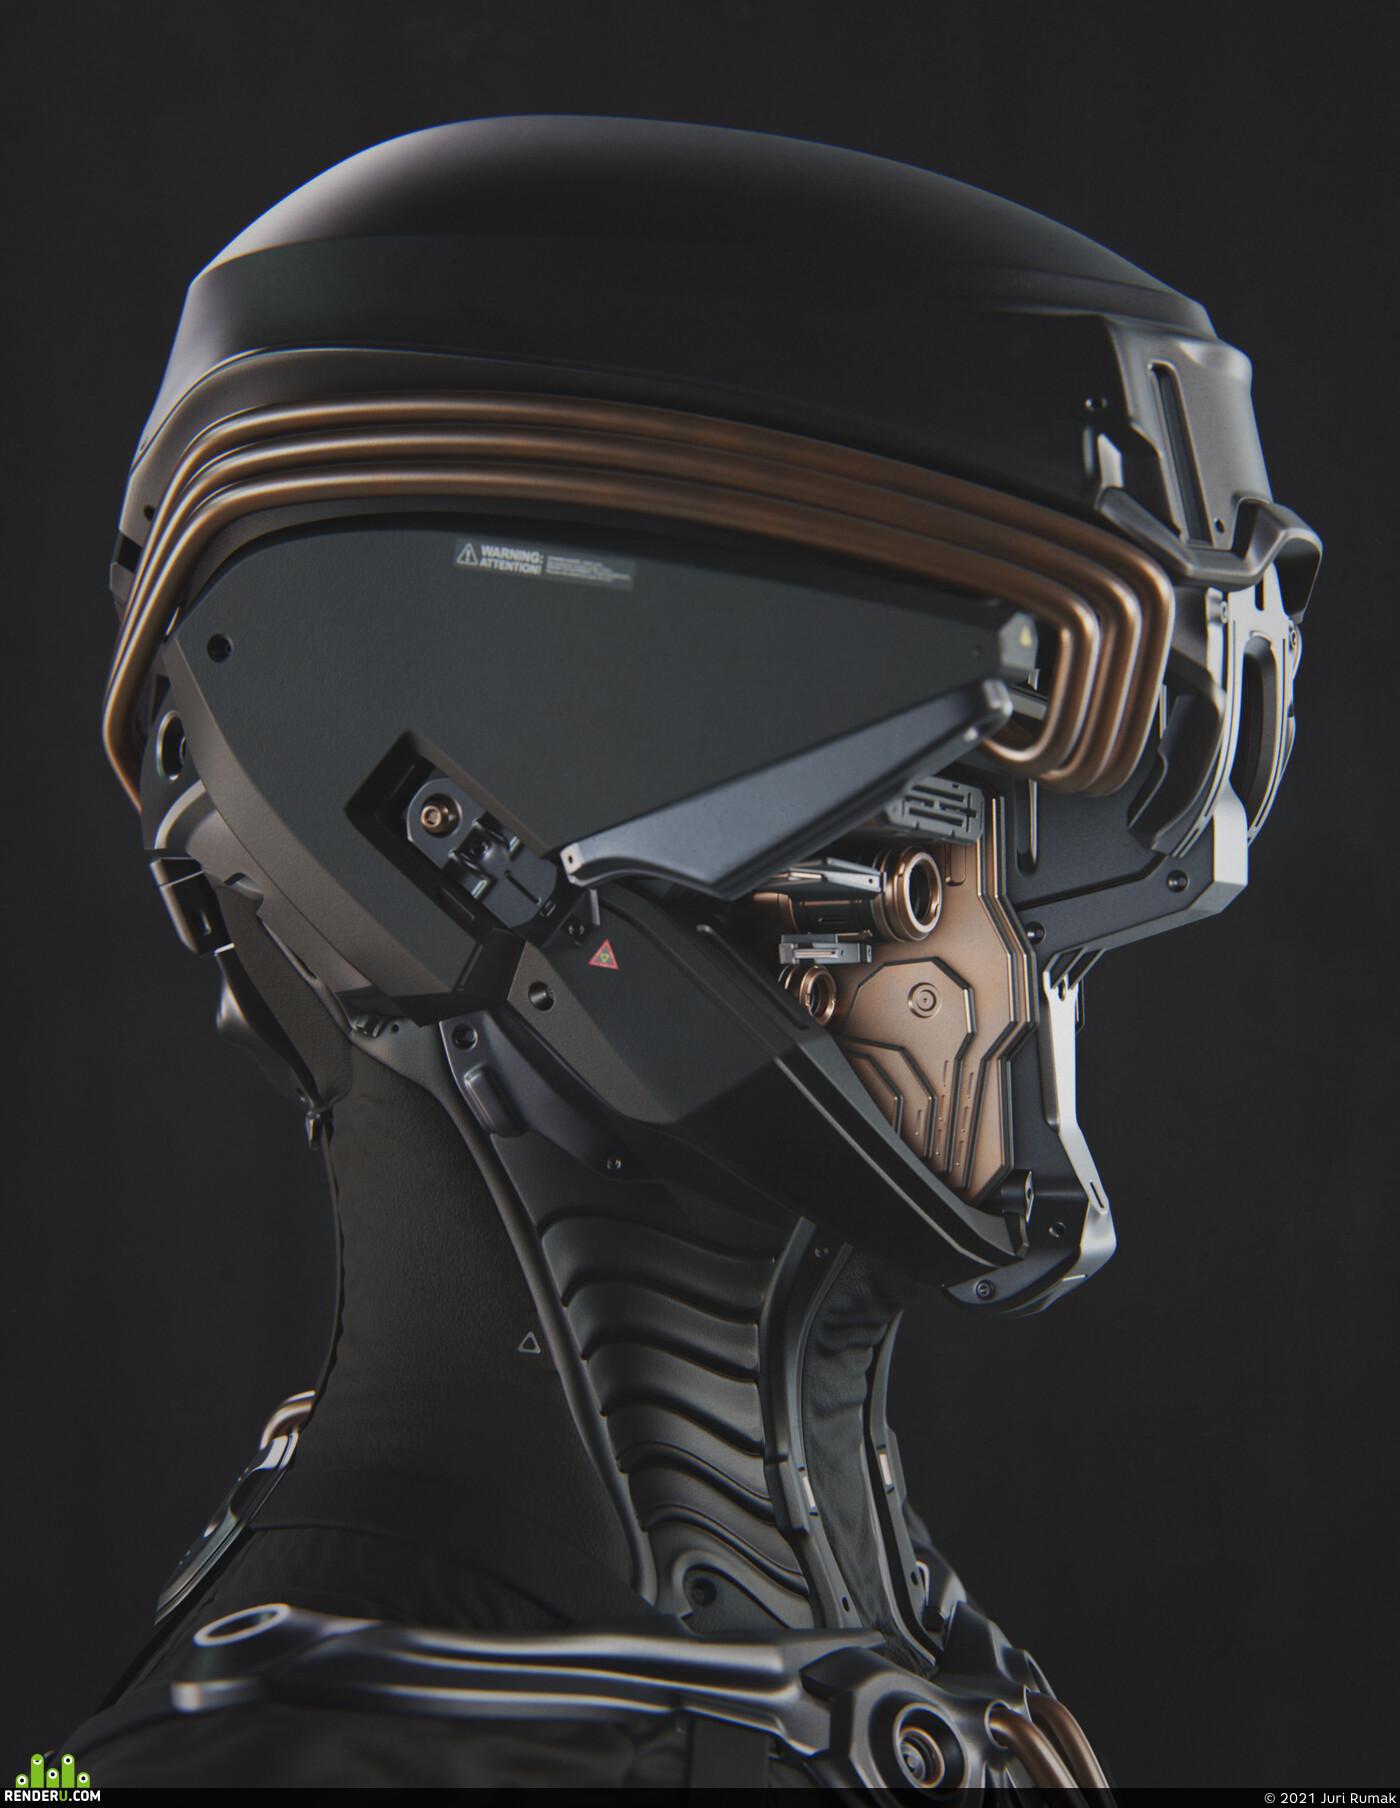 sci-fi, sci-fi helmet, blender, Eevee, concept-art, concept, Character, design_character